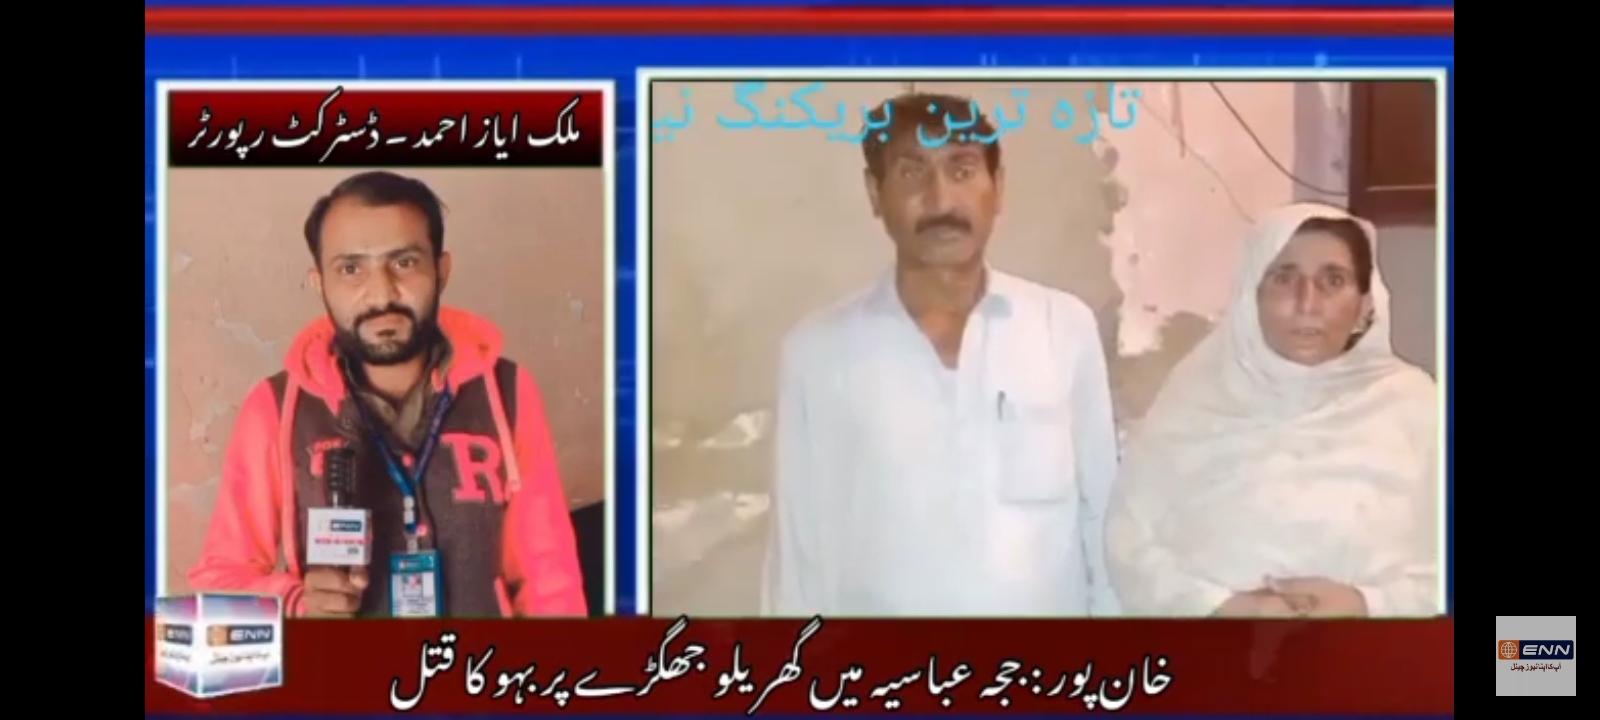 خان پور : ججہ عباسیہ میں گھریلو جھگڑے پر بہو کا قتل